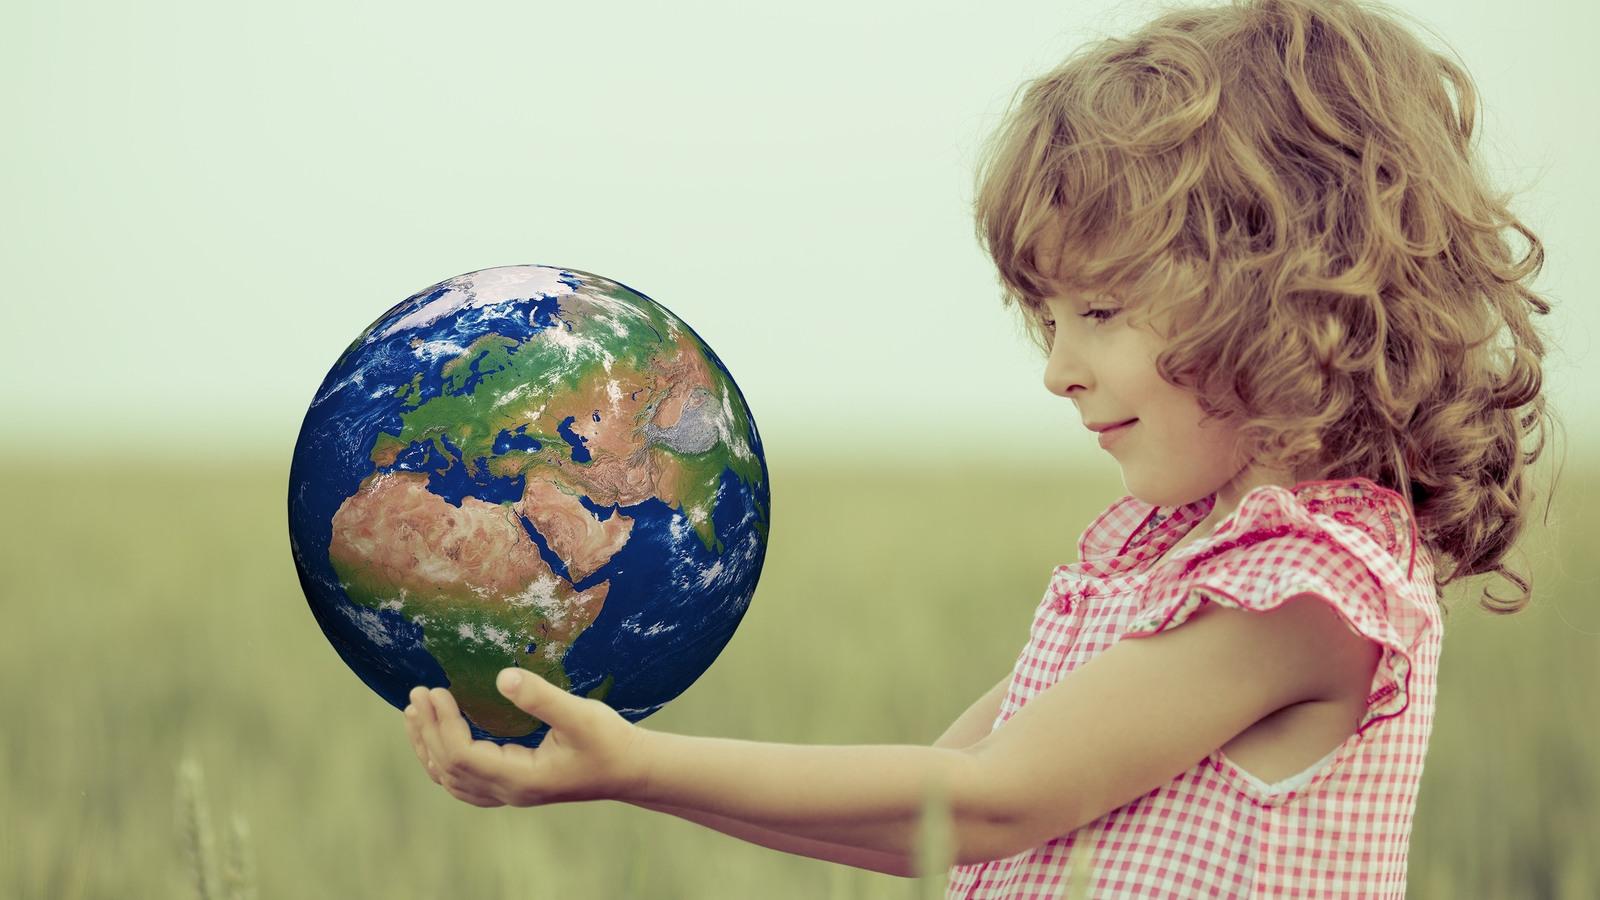 Дети и земной шар картинка